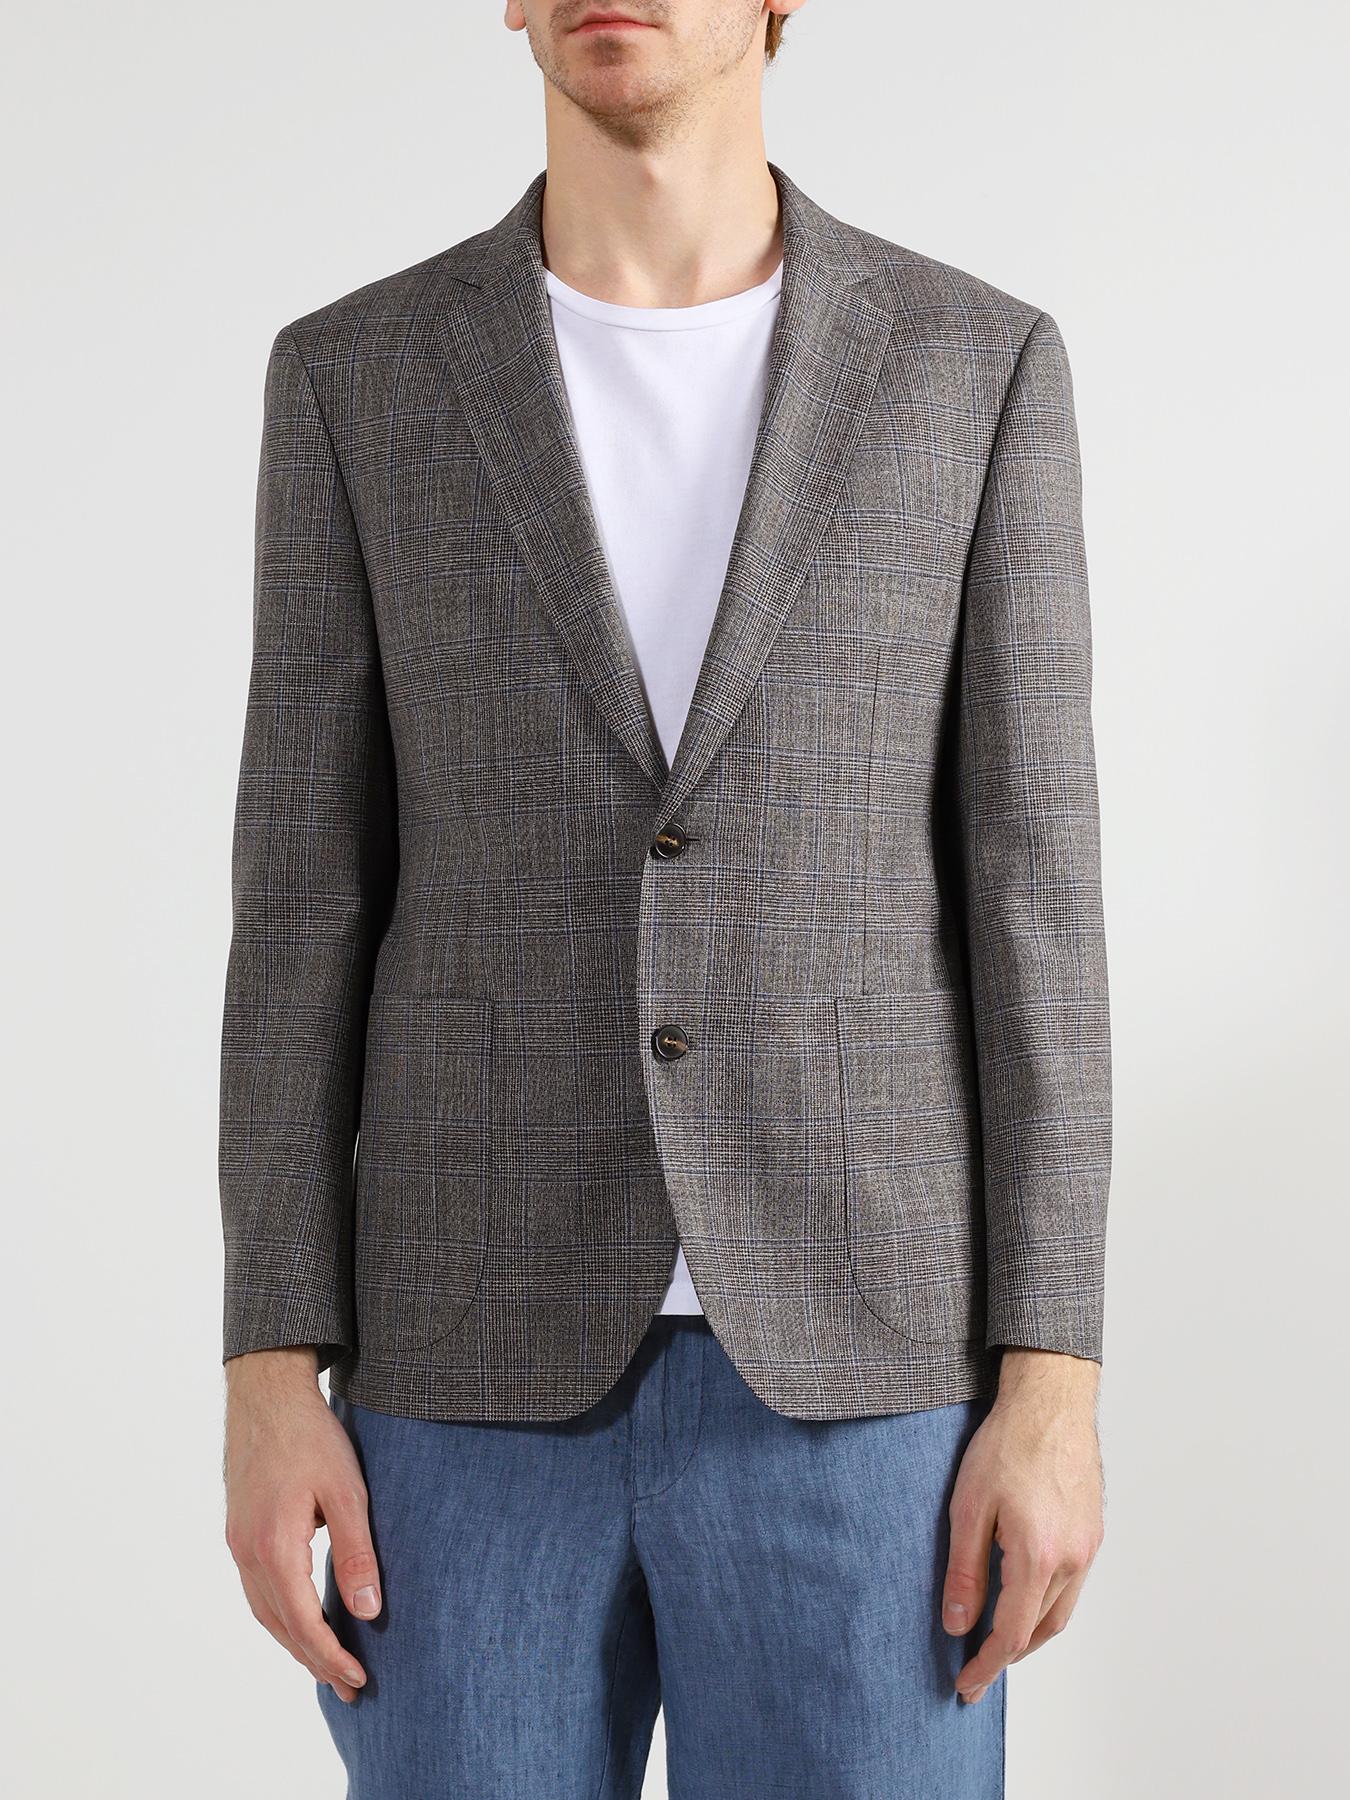 Пиджаки Alessandro Manzoni Пиджак фото